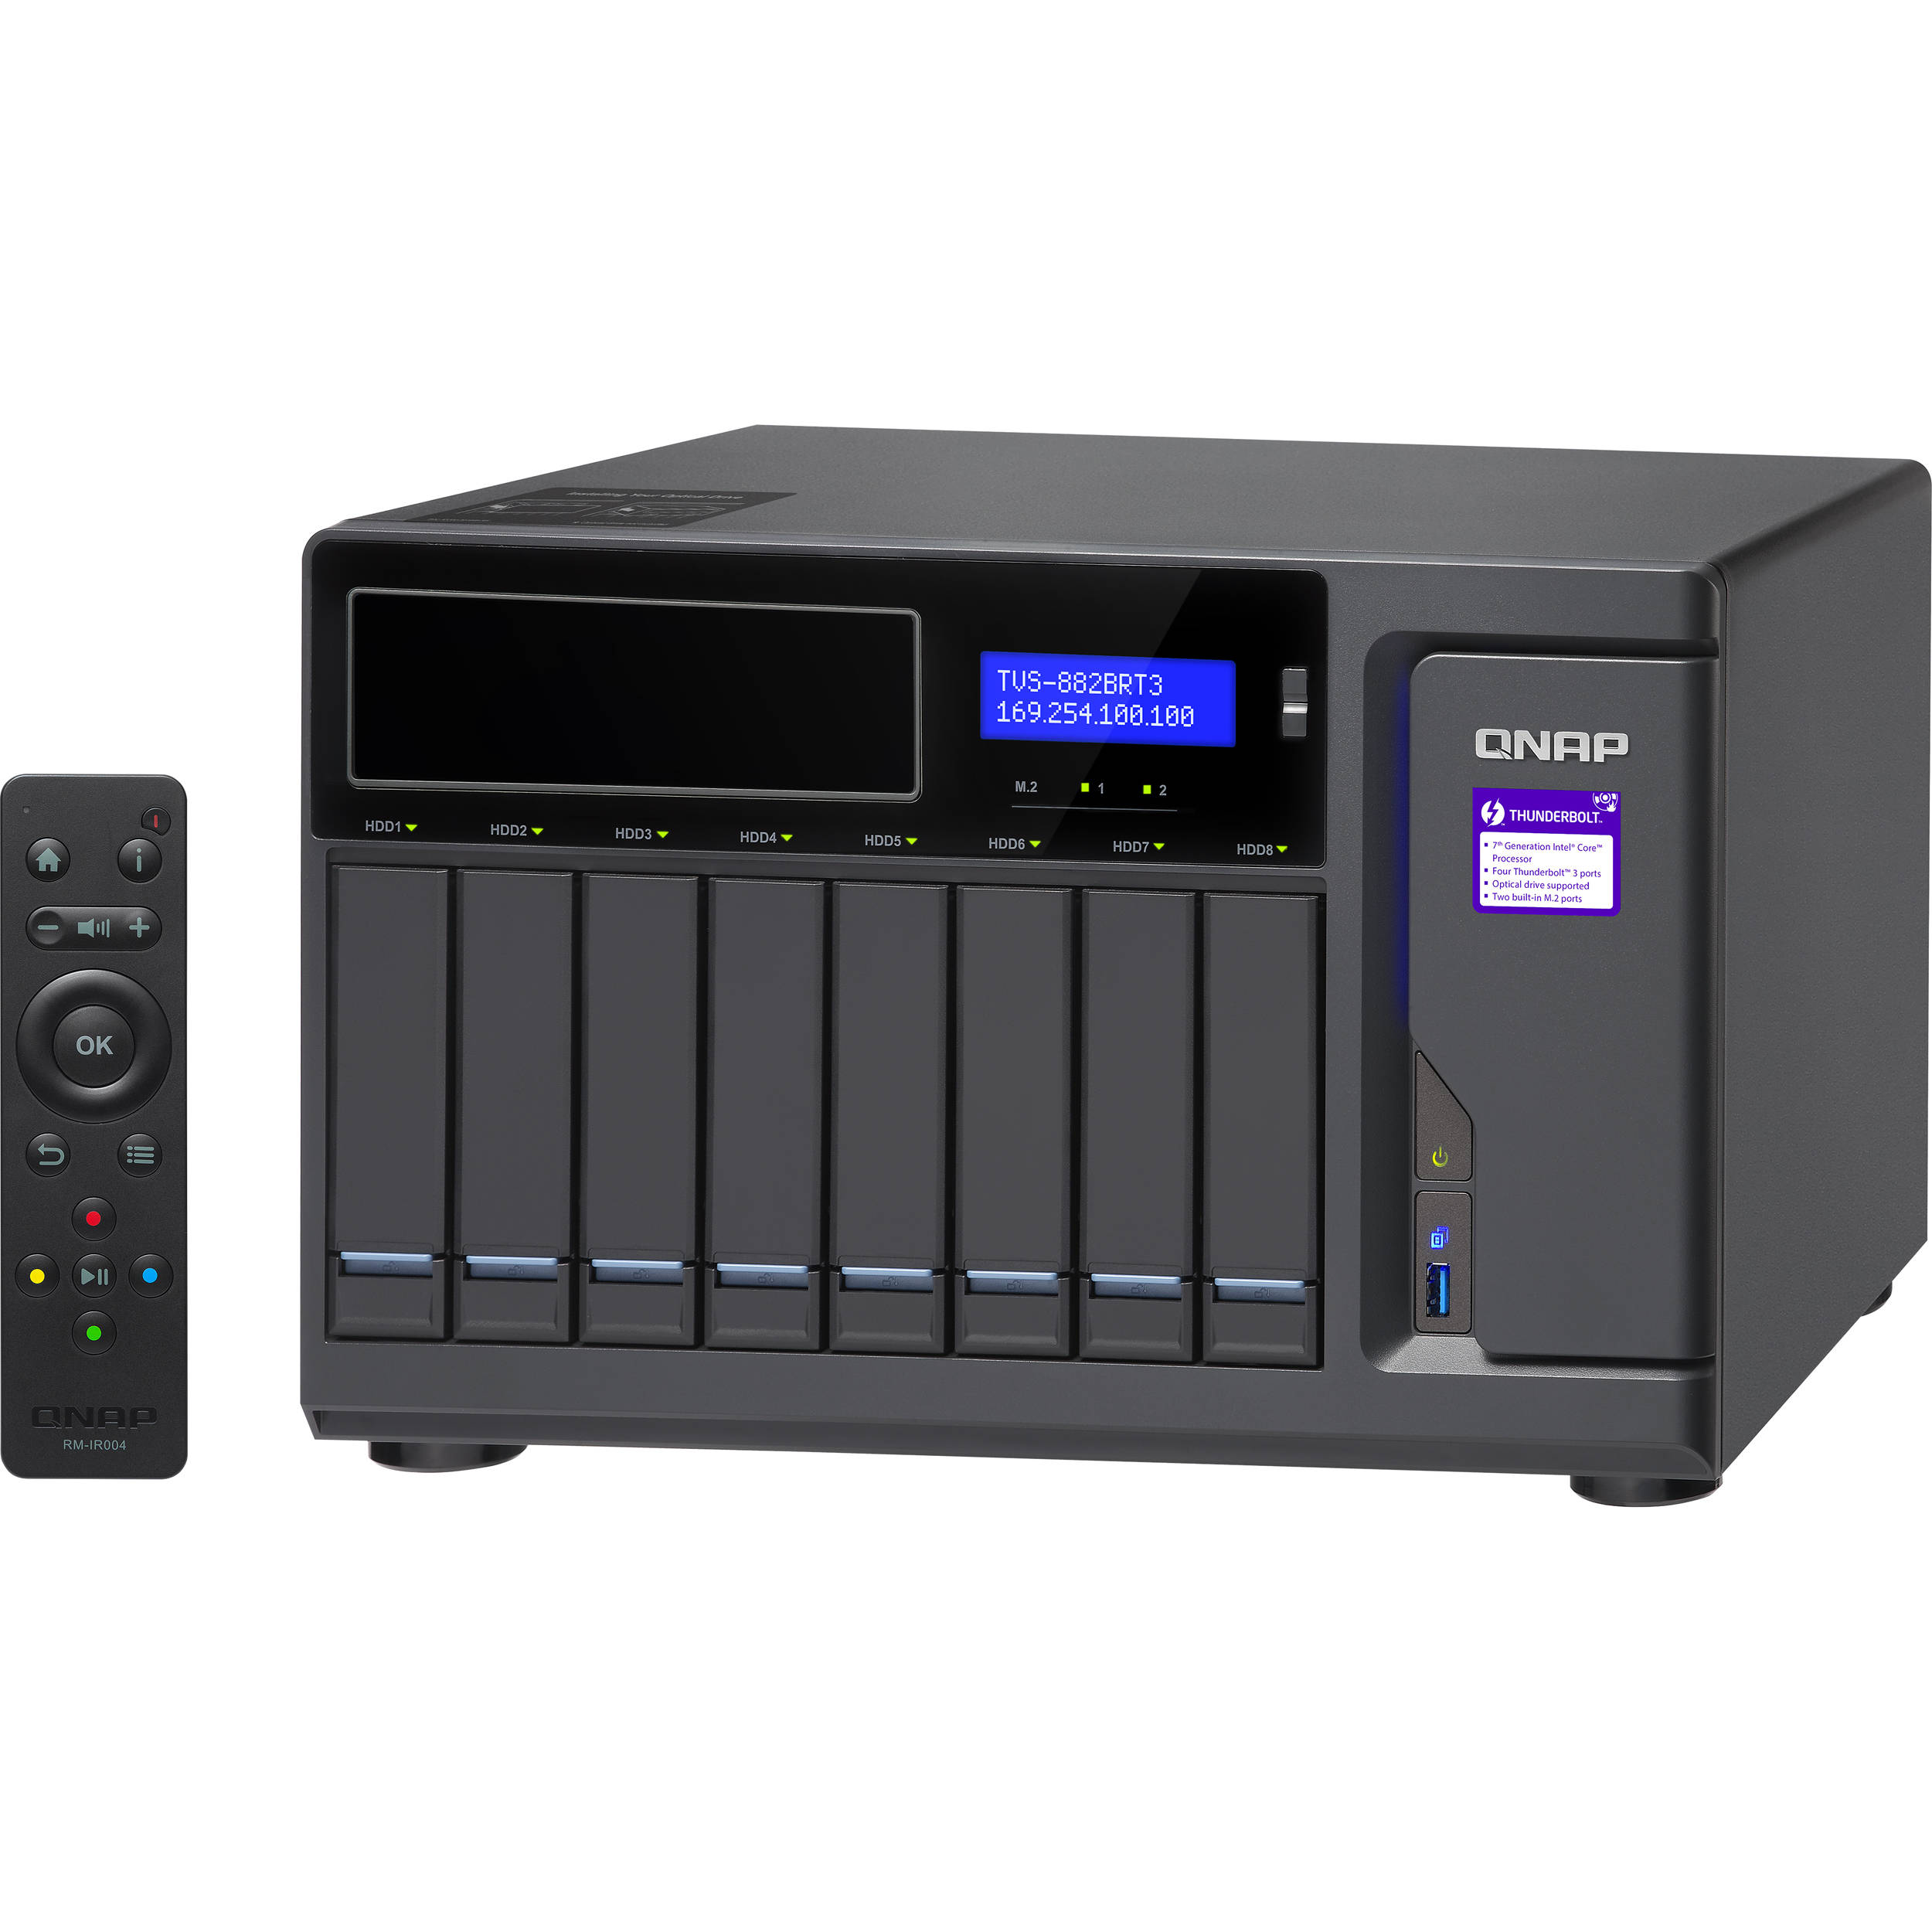 QNAP TVS-882BRT3 8-Bay NAS Enclosure